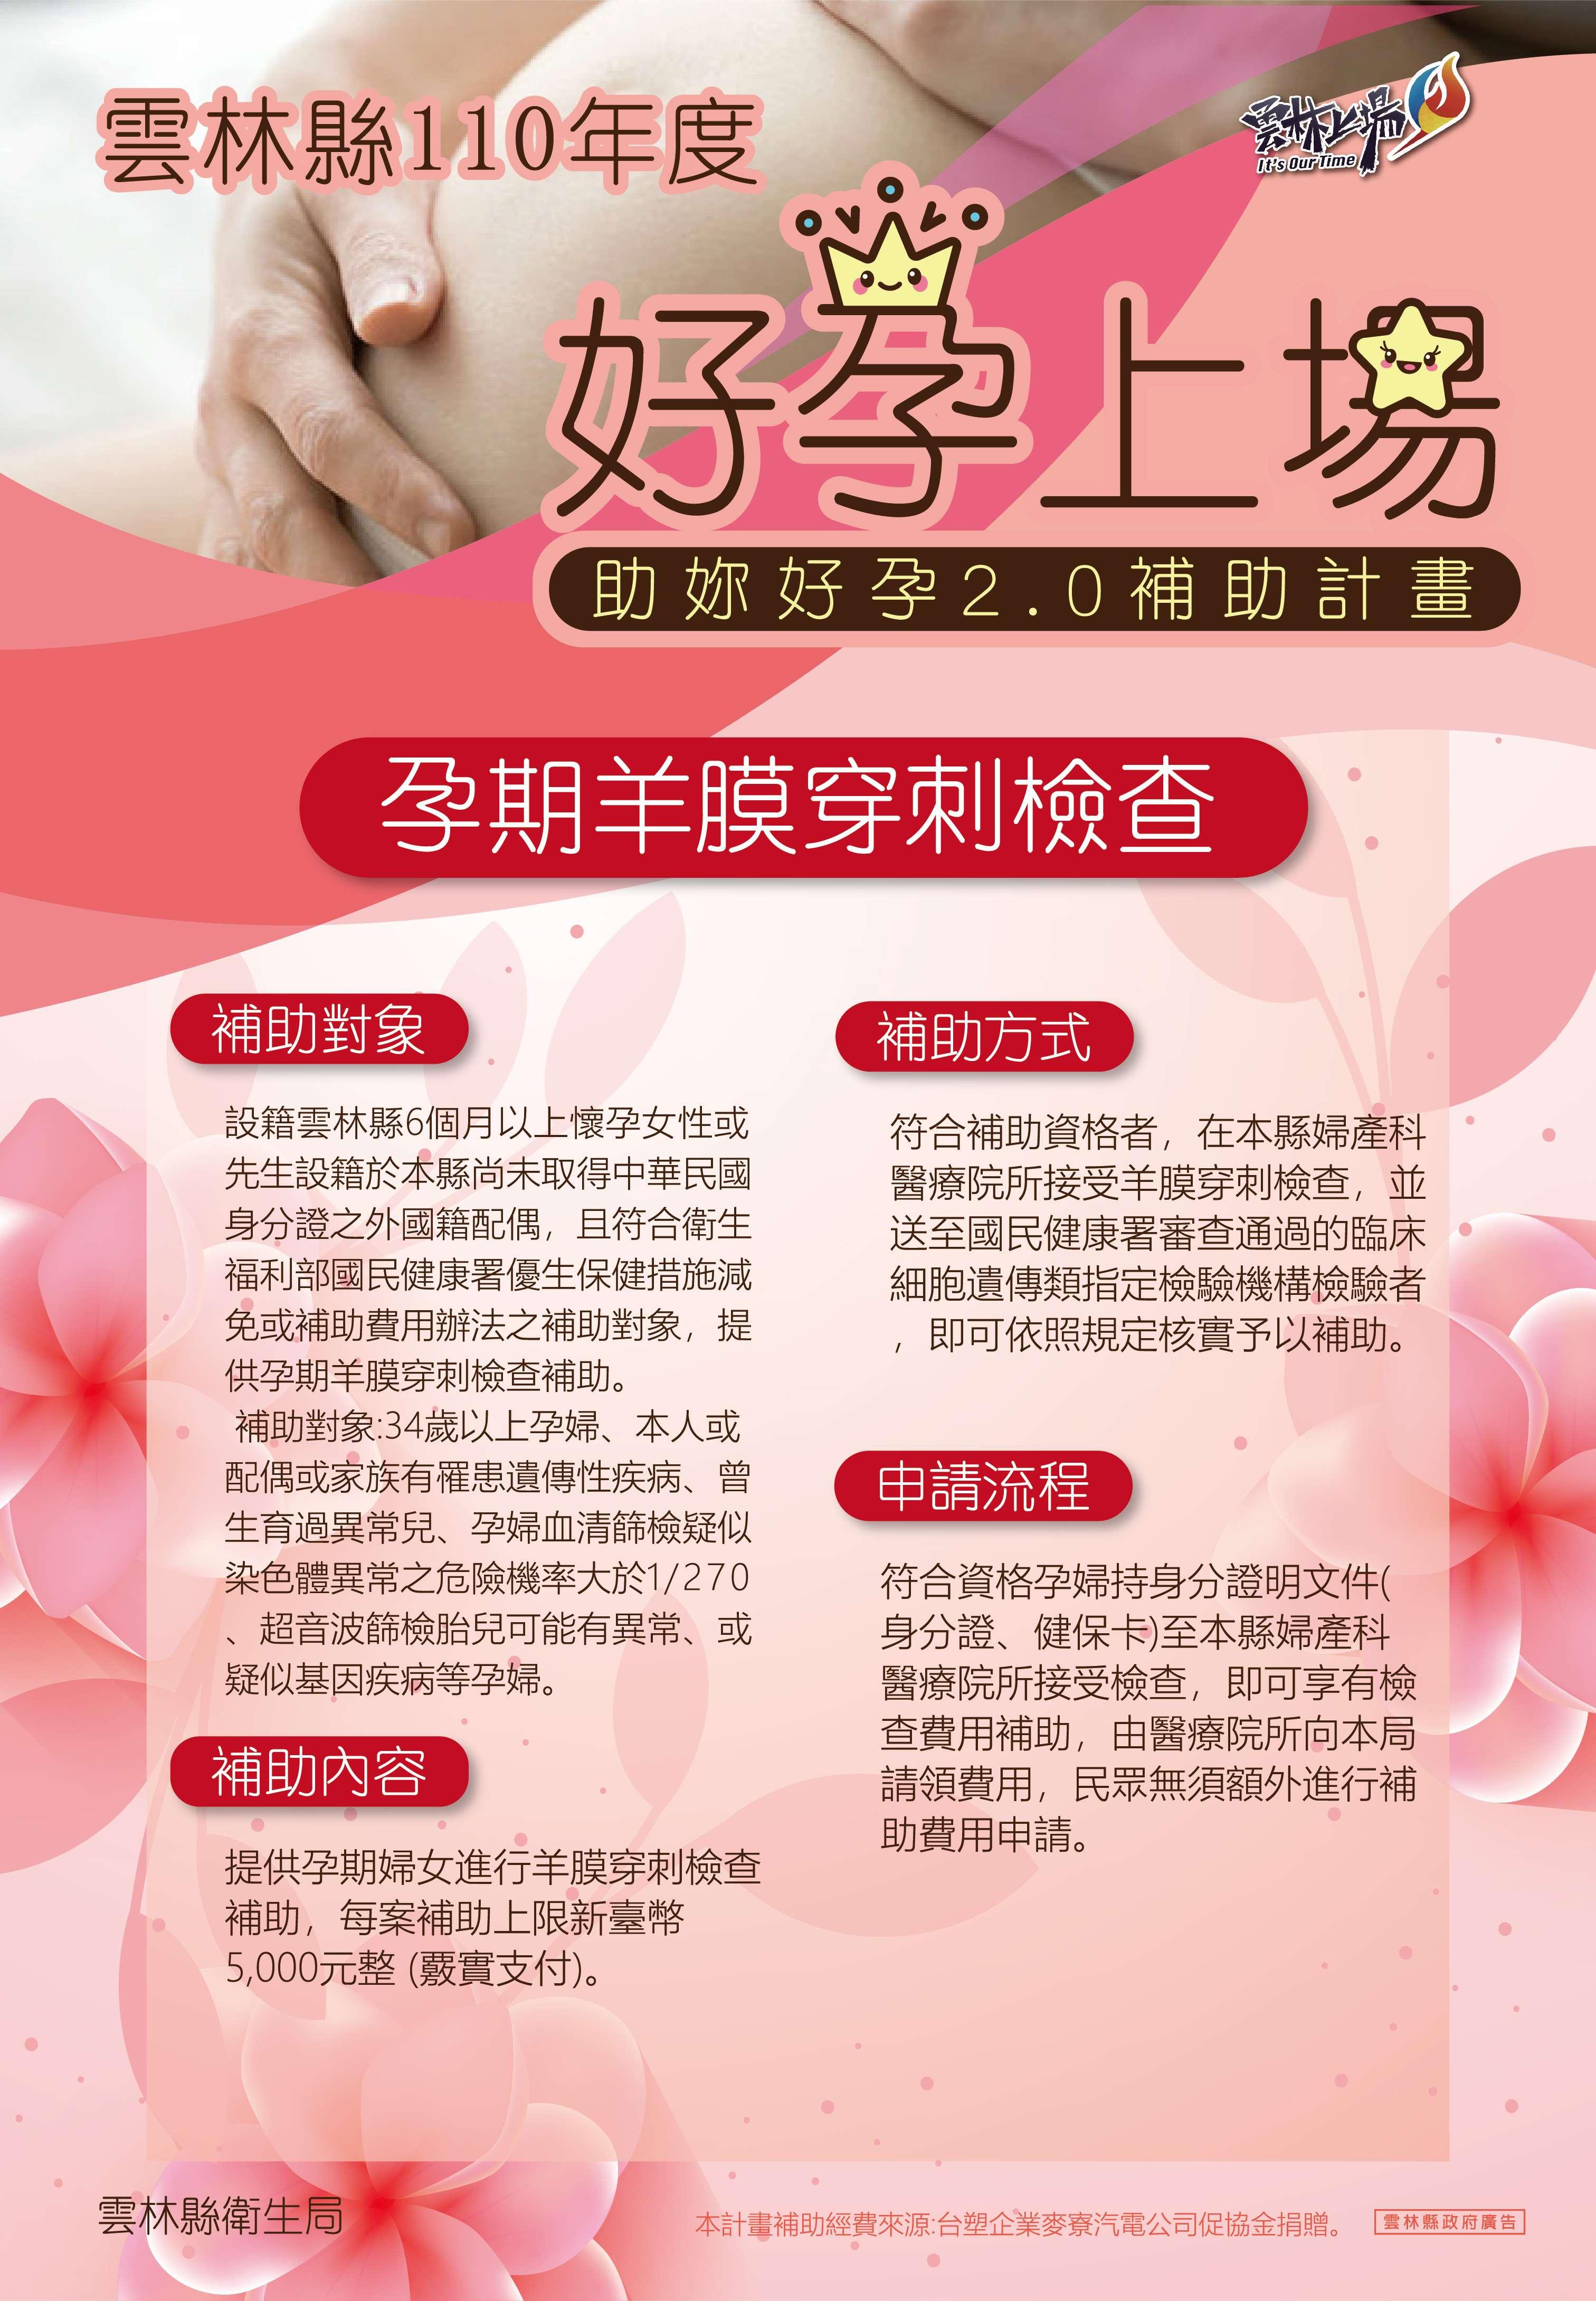 110年度 - 好孕上場(孕期羊膜穿刺檢查)海報